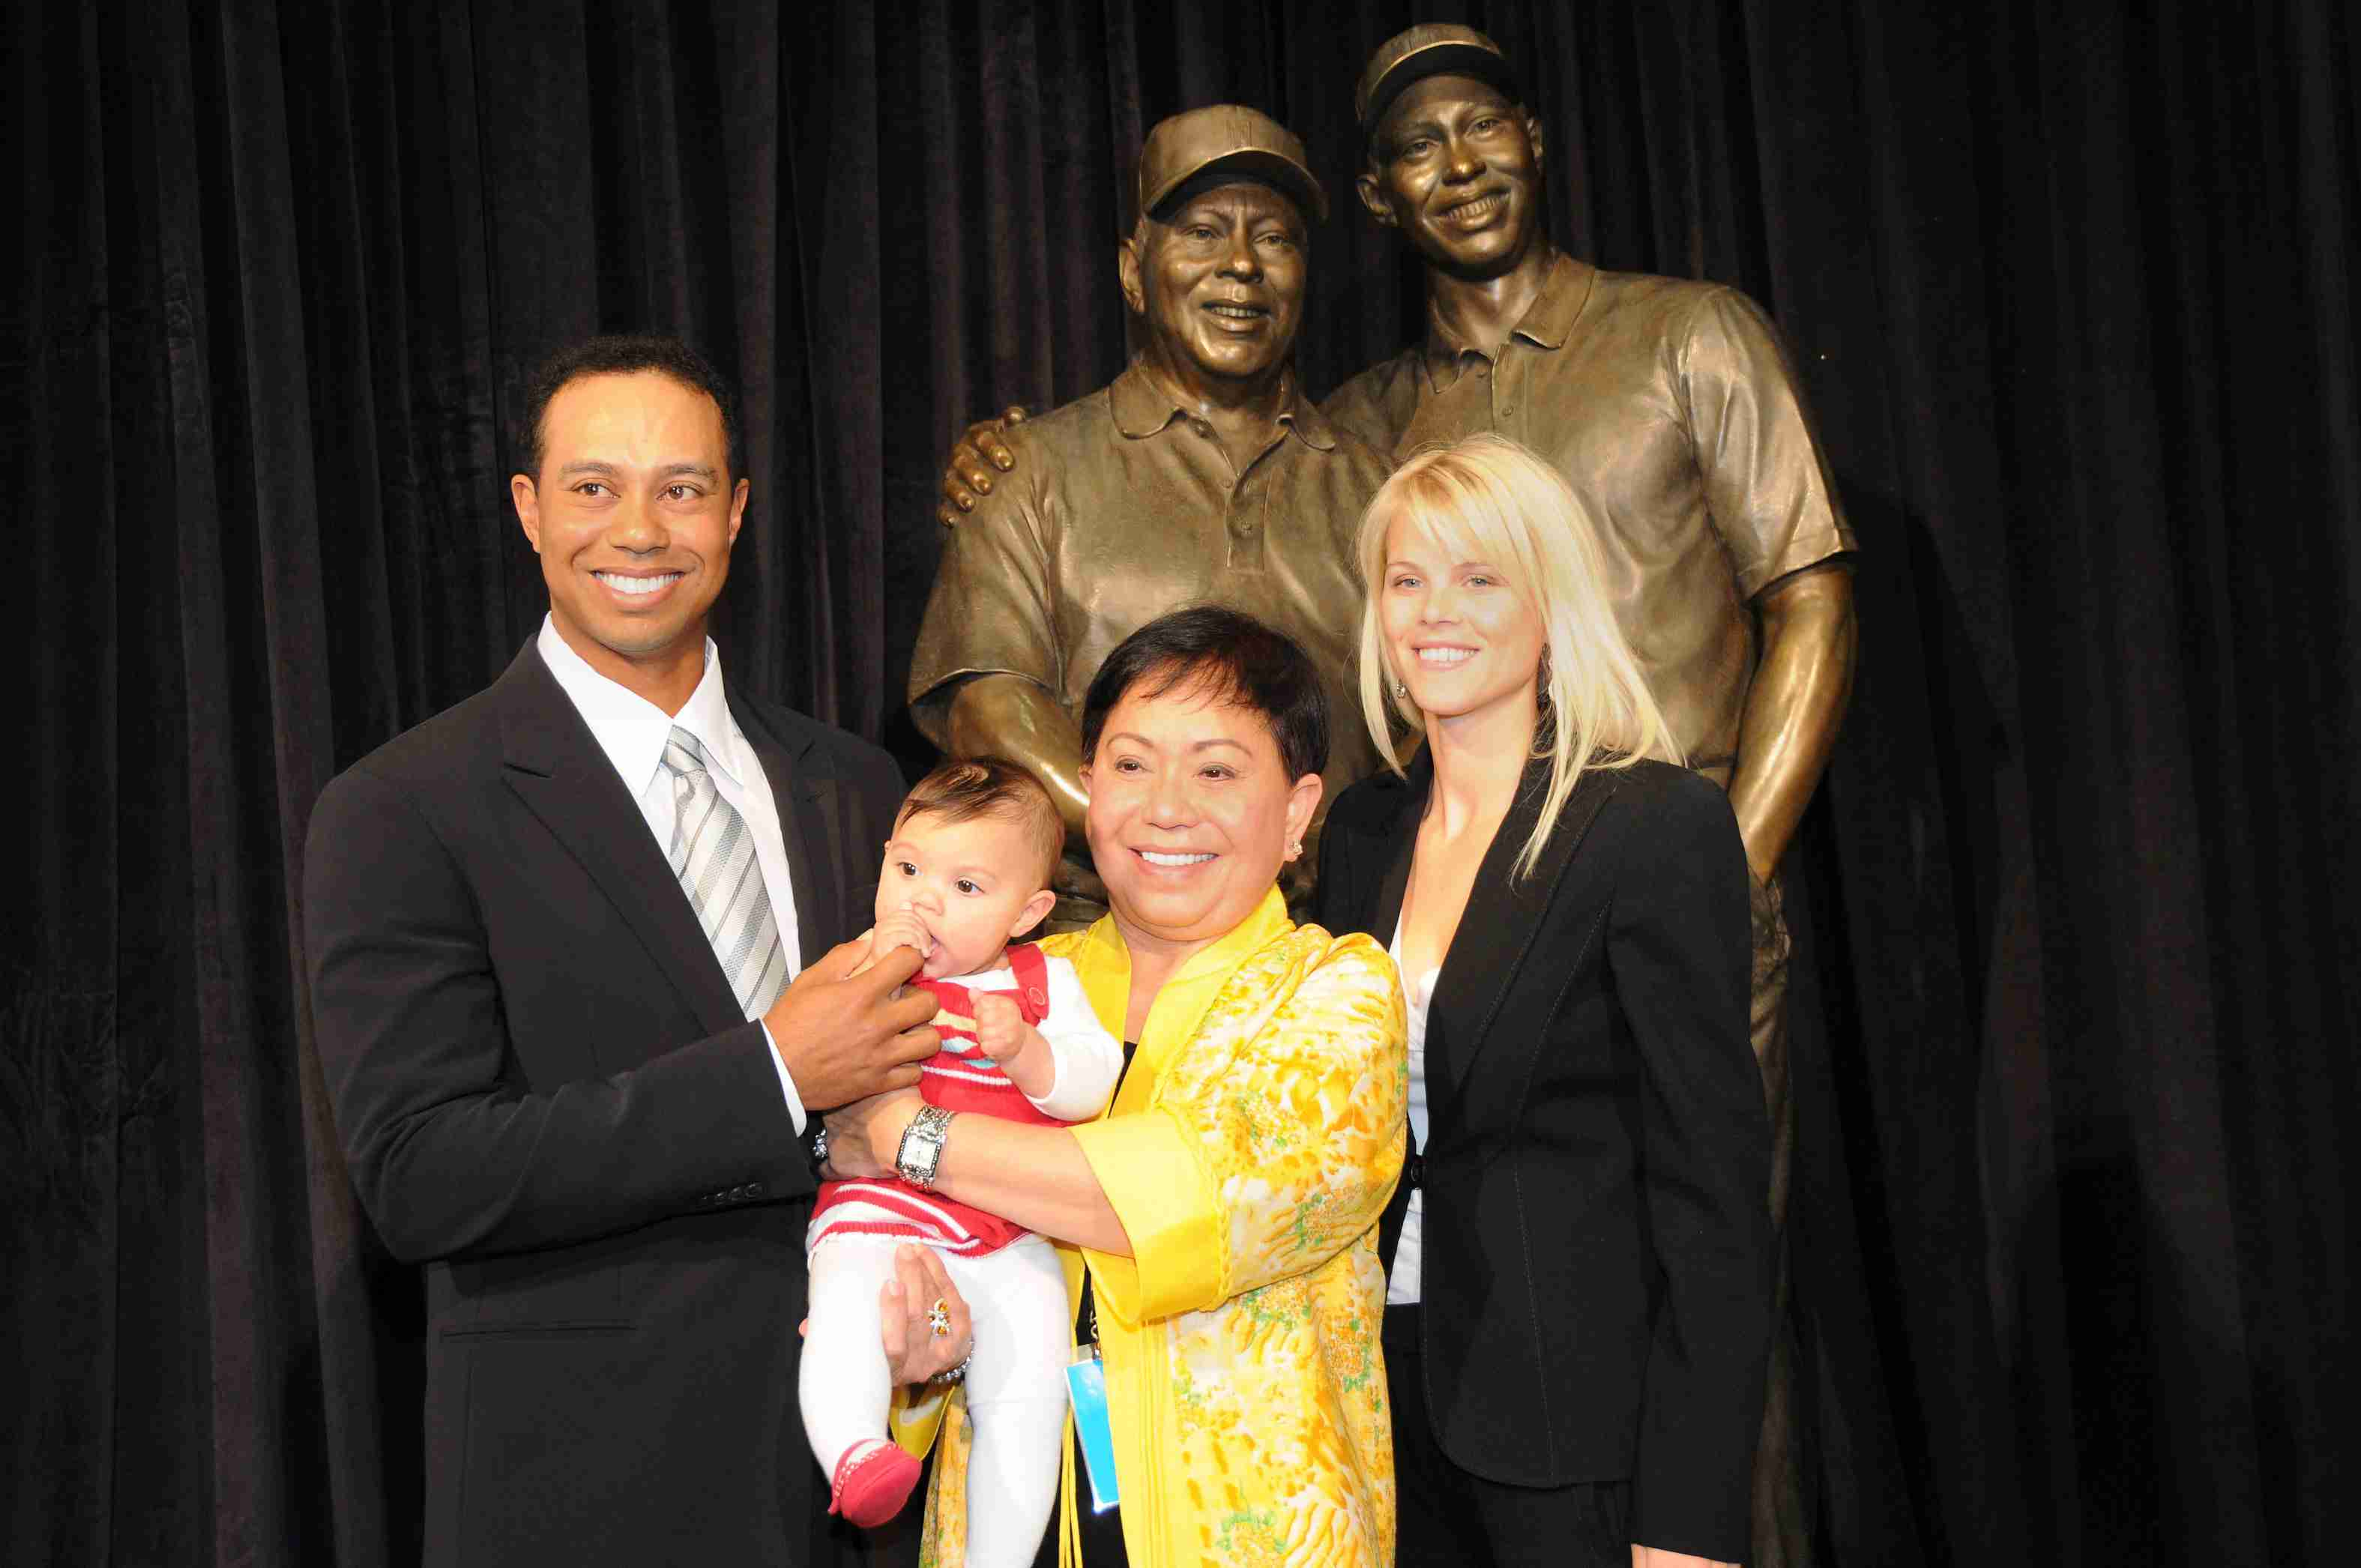 Tiger Woods with Sam, Kultida and Elin